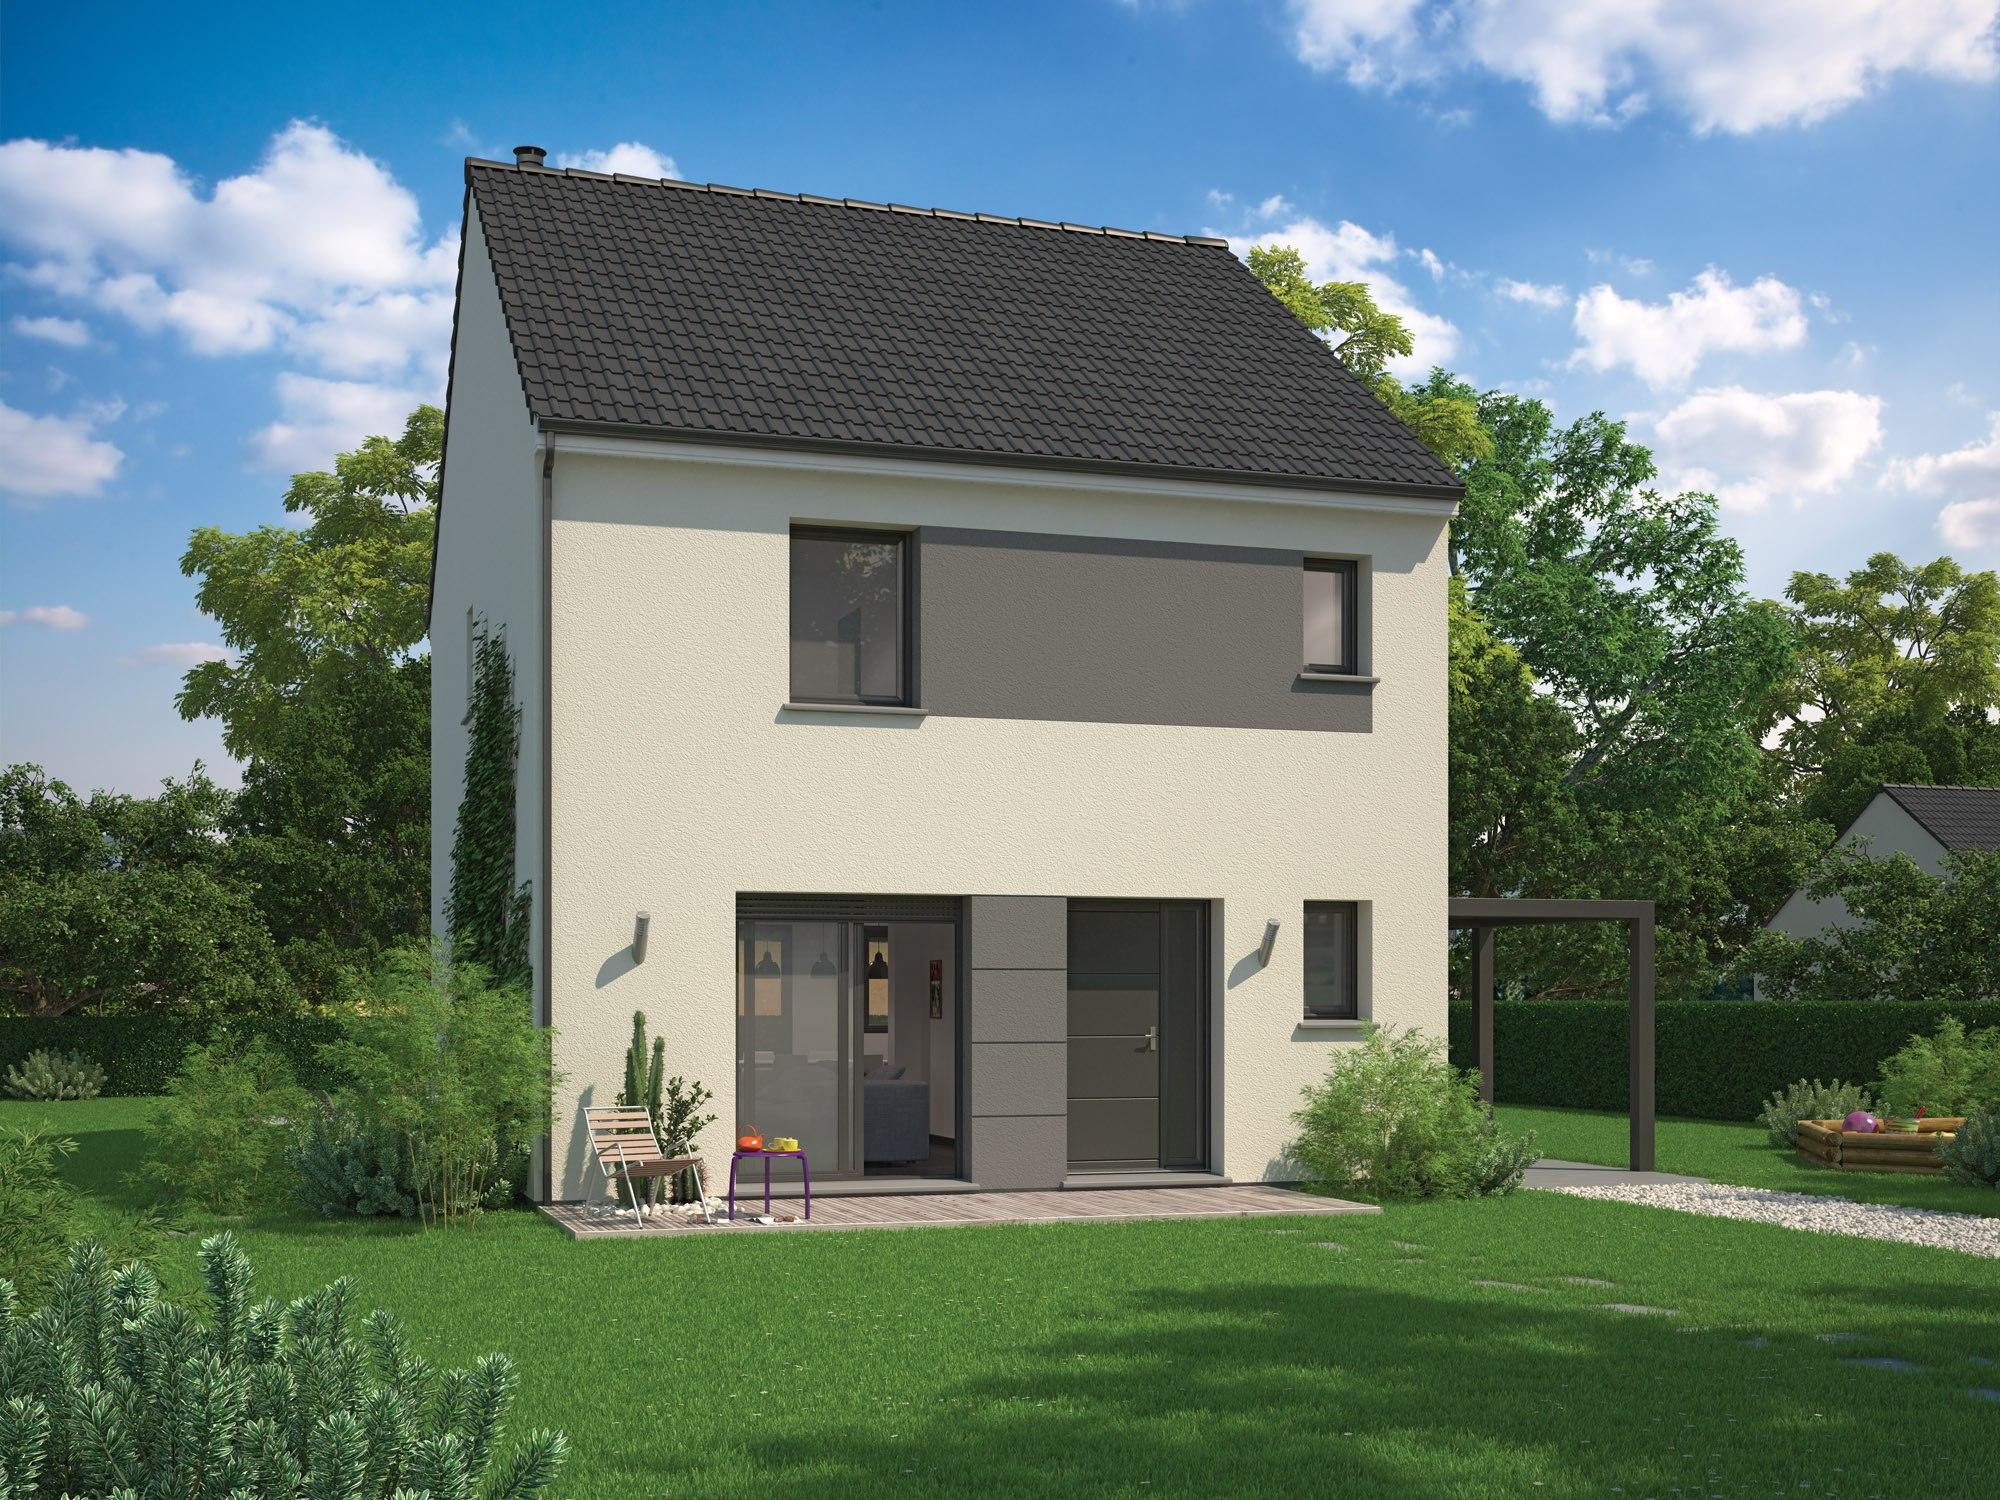 Maisons + Terrains du constructeur MAISON FAMILIALE • 102 m² • VILLEPINTE